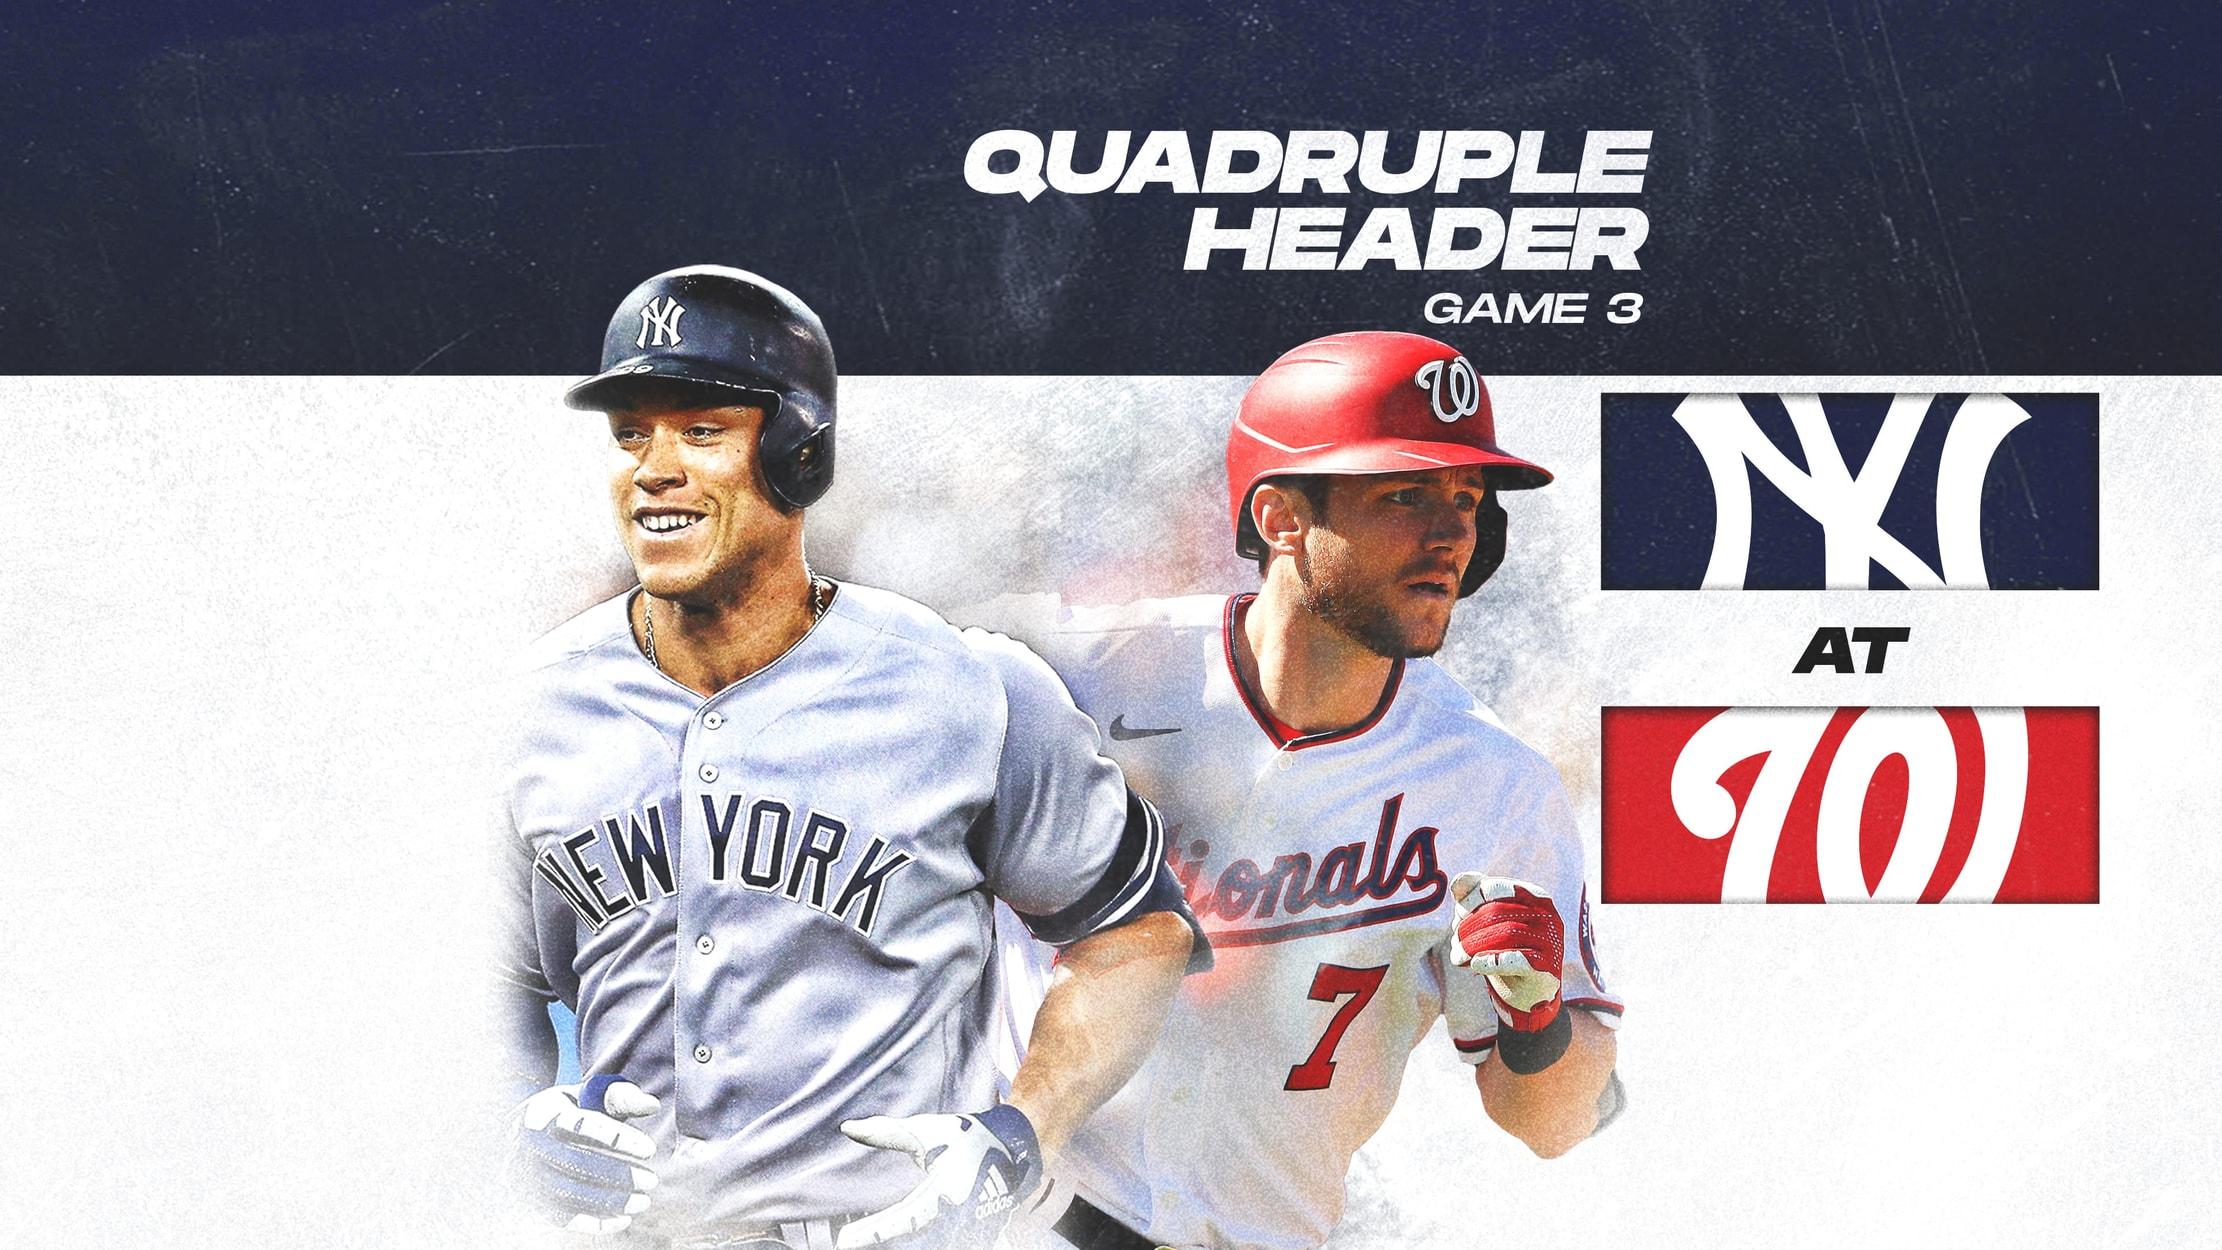 Yankees at Nationals